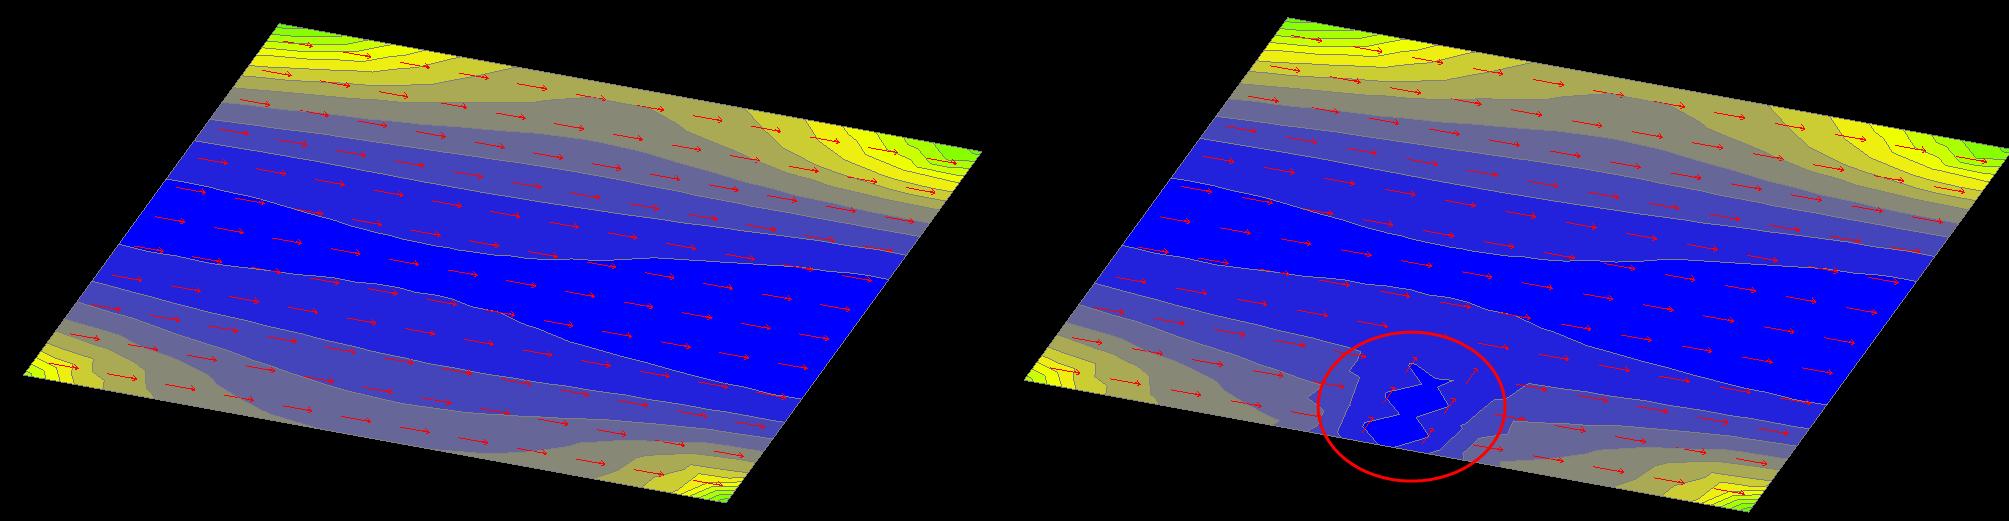 Неправильный вывод о несущей способности плиты - вектор N